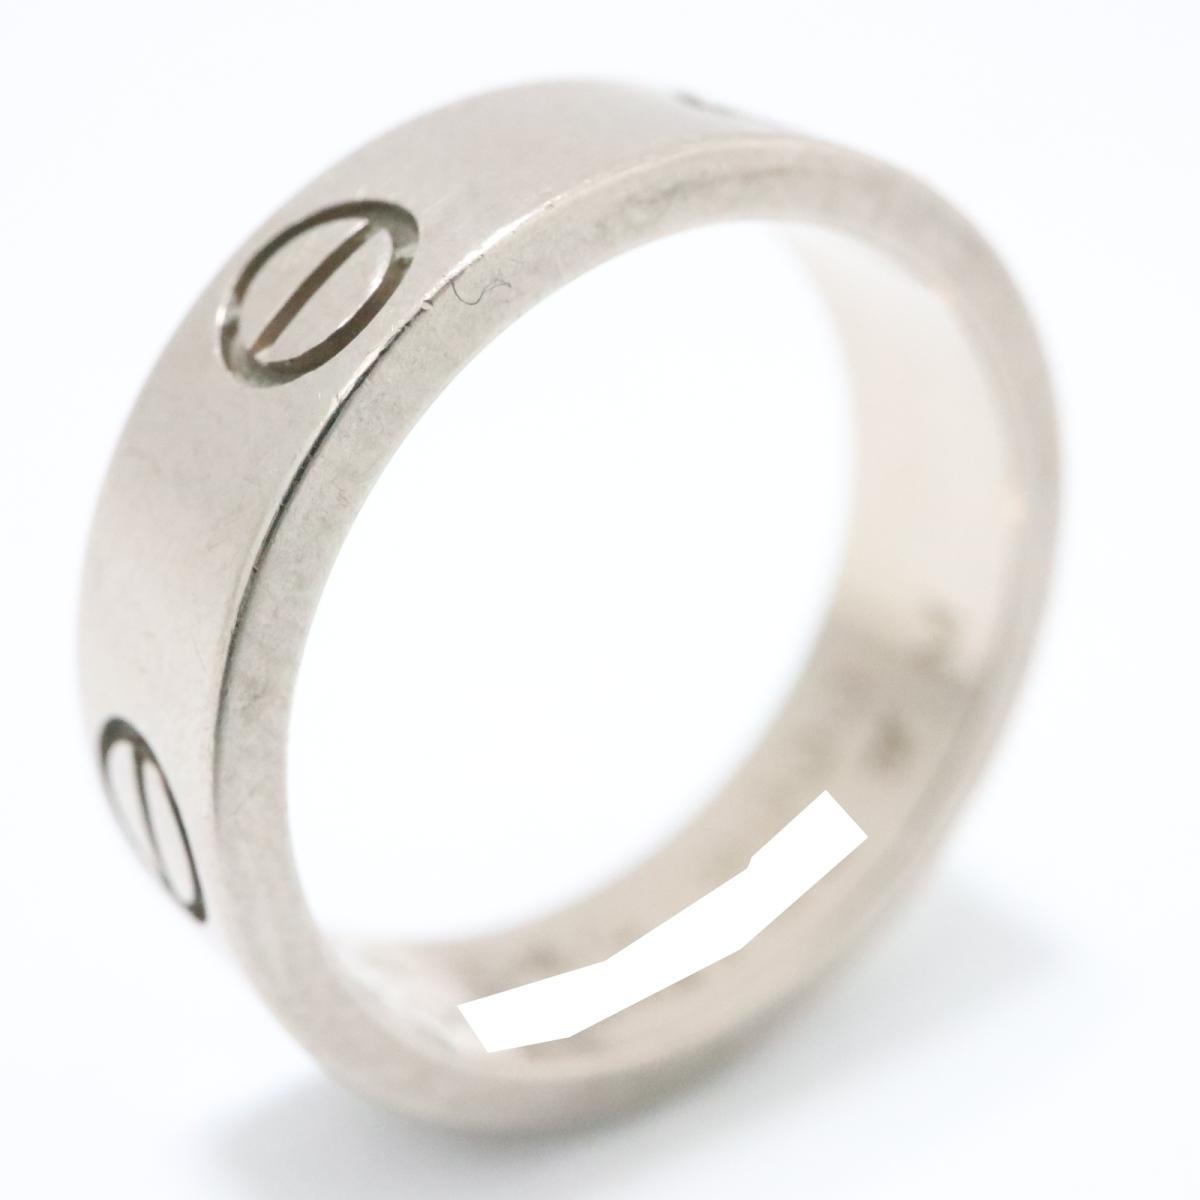 カルティエ ラブ リング LOVE 指輪 ブランドジュエリー レディース K18WG'( 750) ホワイトゴールド シルバー 【中古】 | Cartier BRANDOFF ブランドオフ ブランド ジュエリー アクセサリー